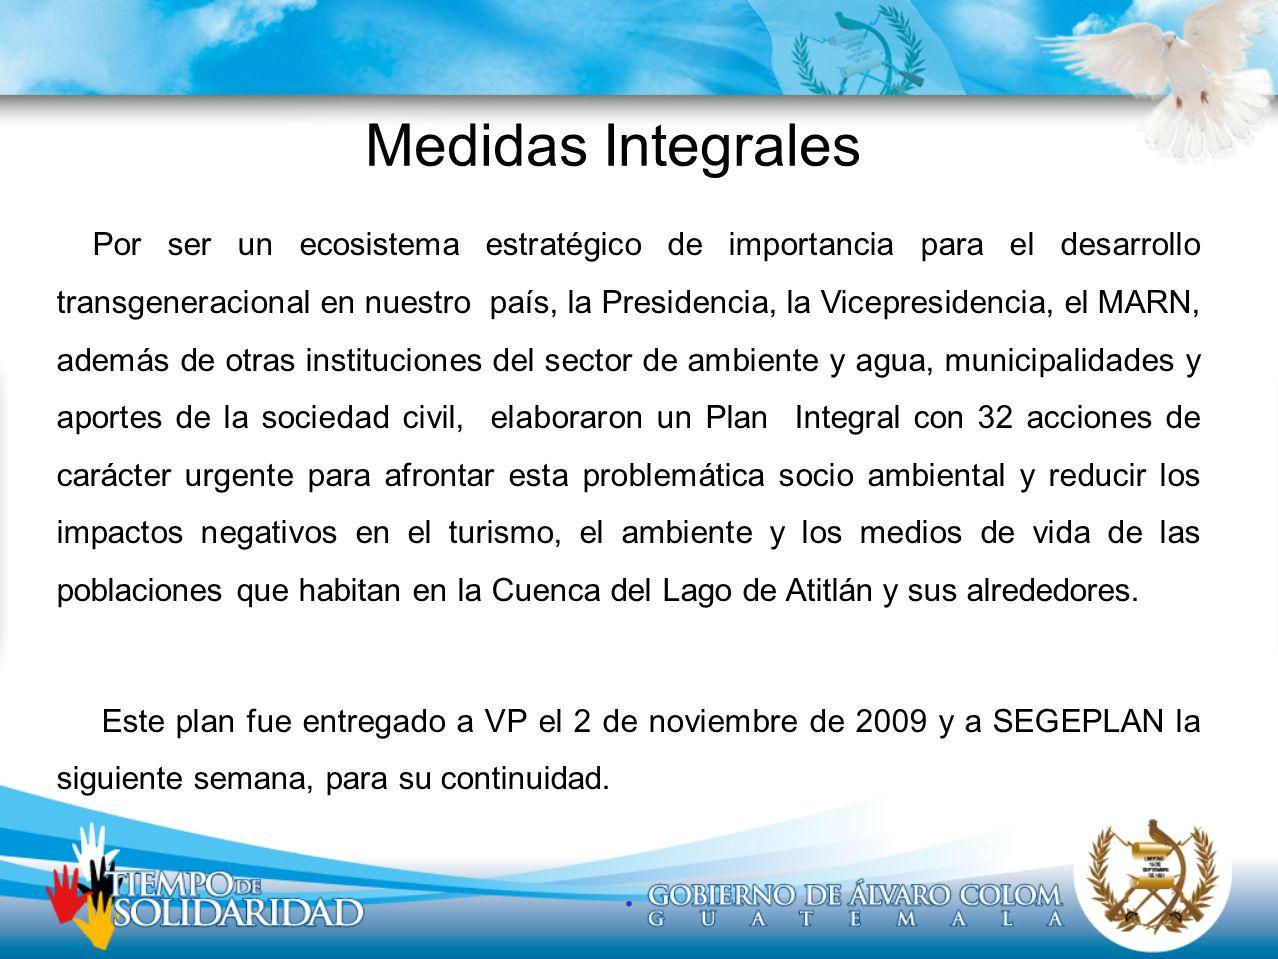 Medidas Integrales